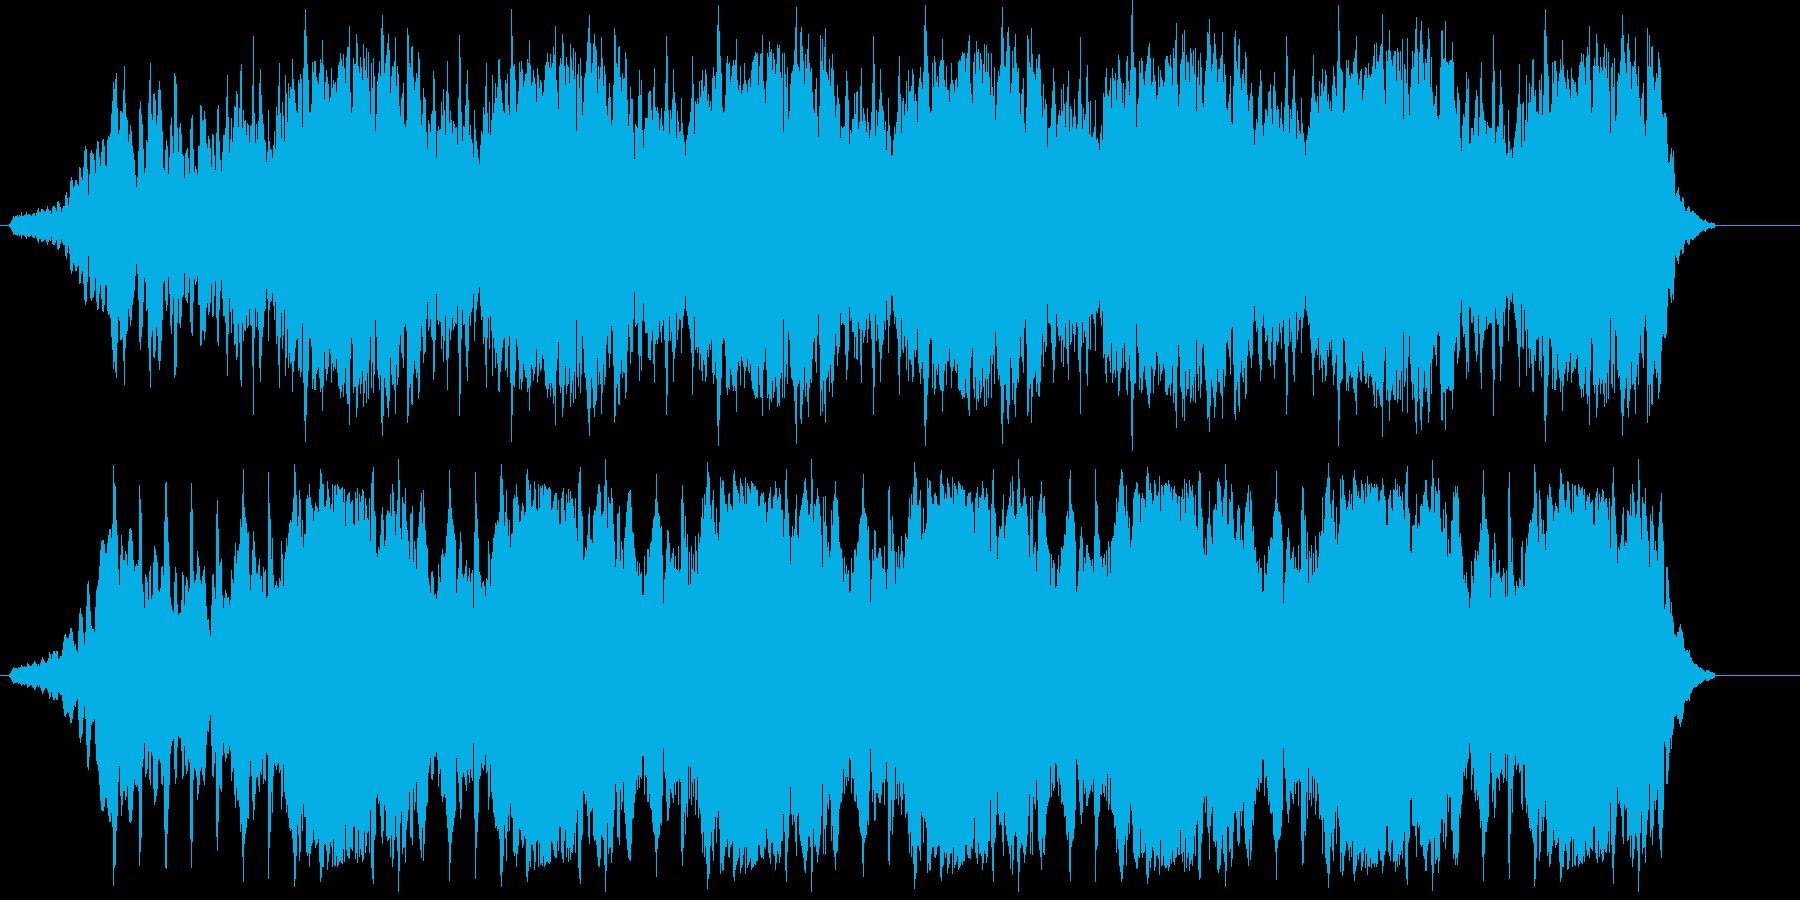 科学 機械 ドキュメント 報道 不思議の再生済みの波形